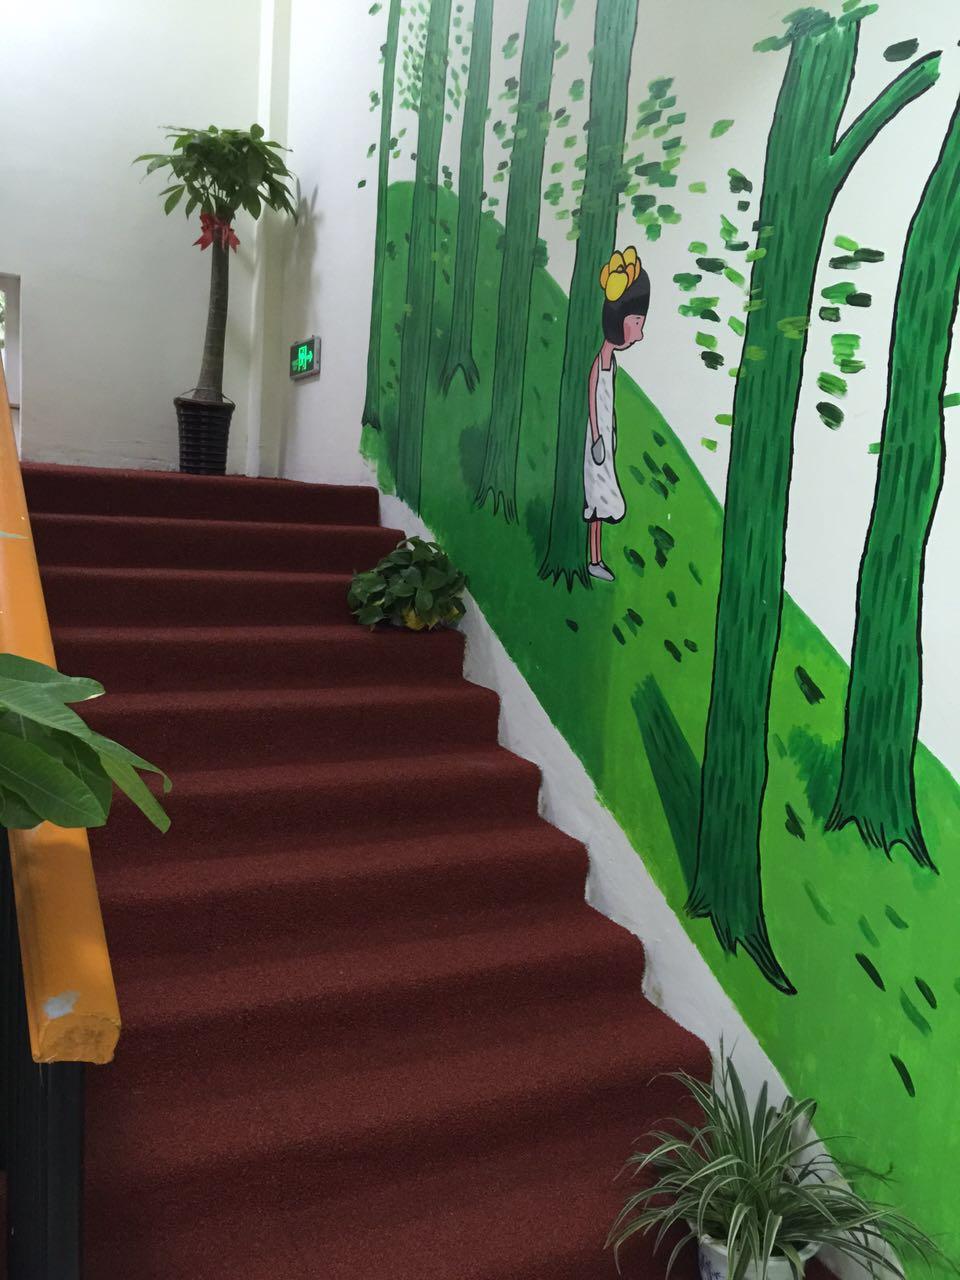 幼儿园老师作品墙面创意水粉画